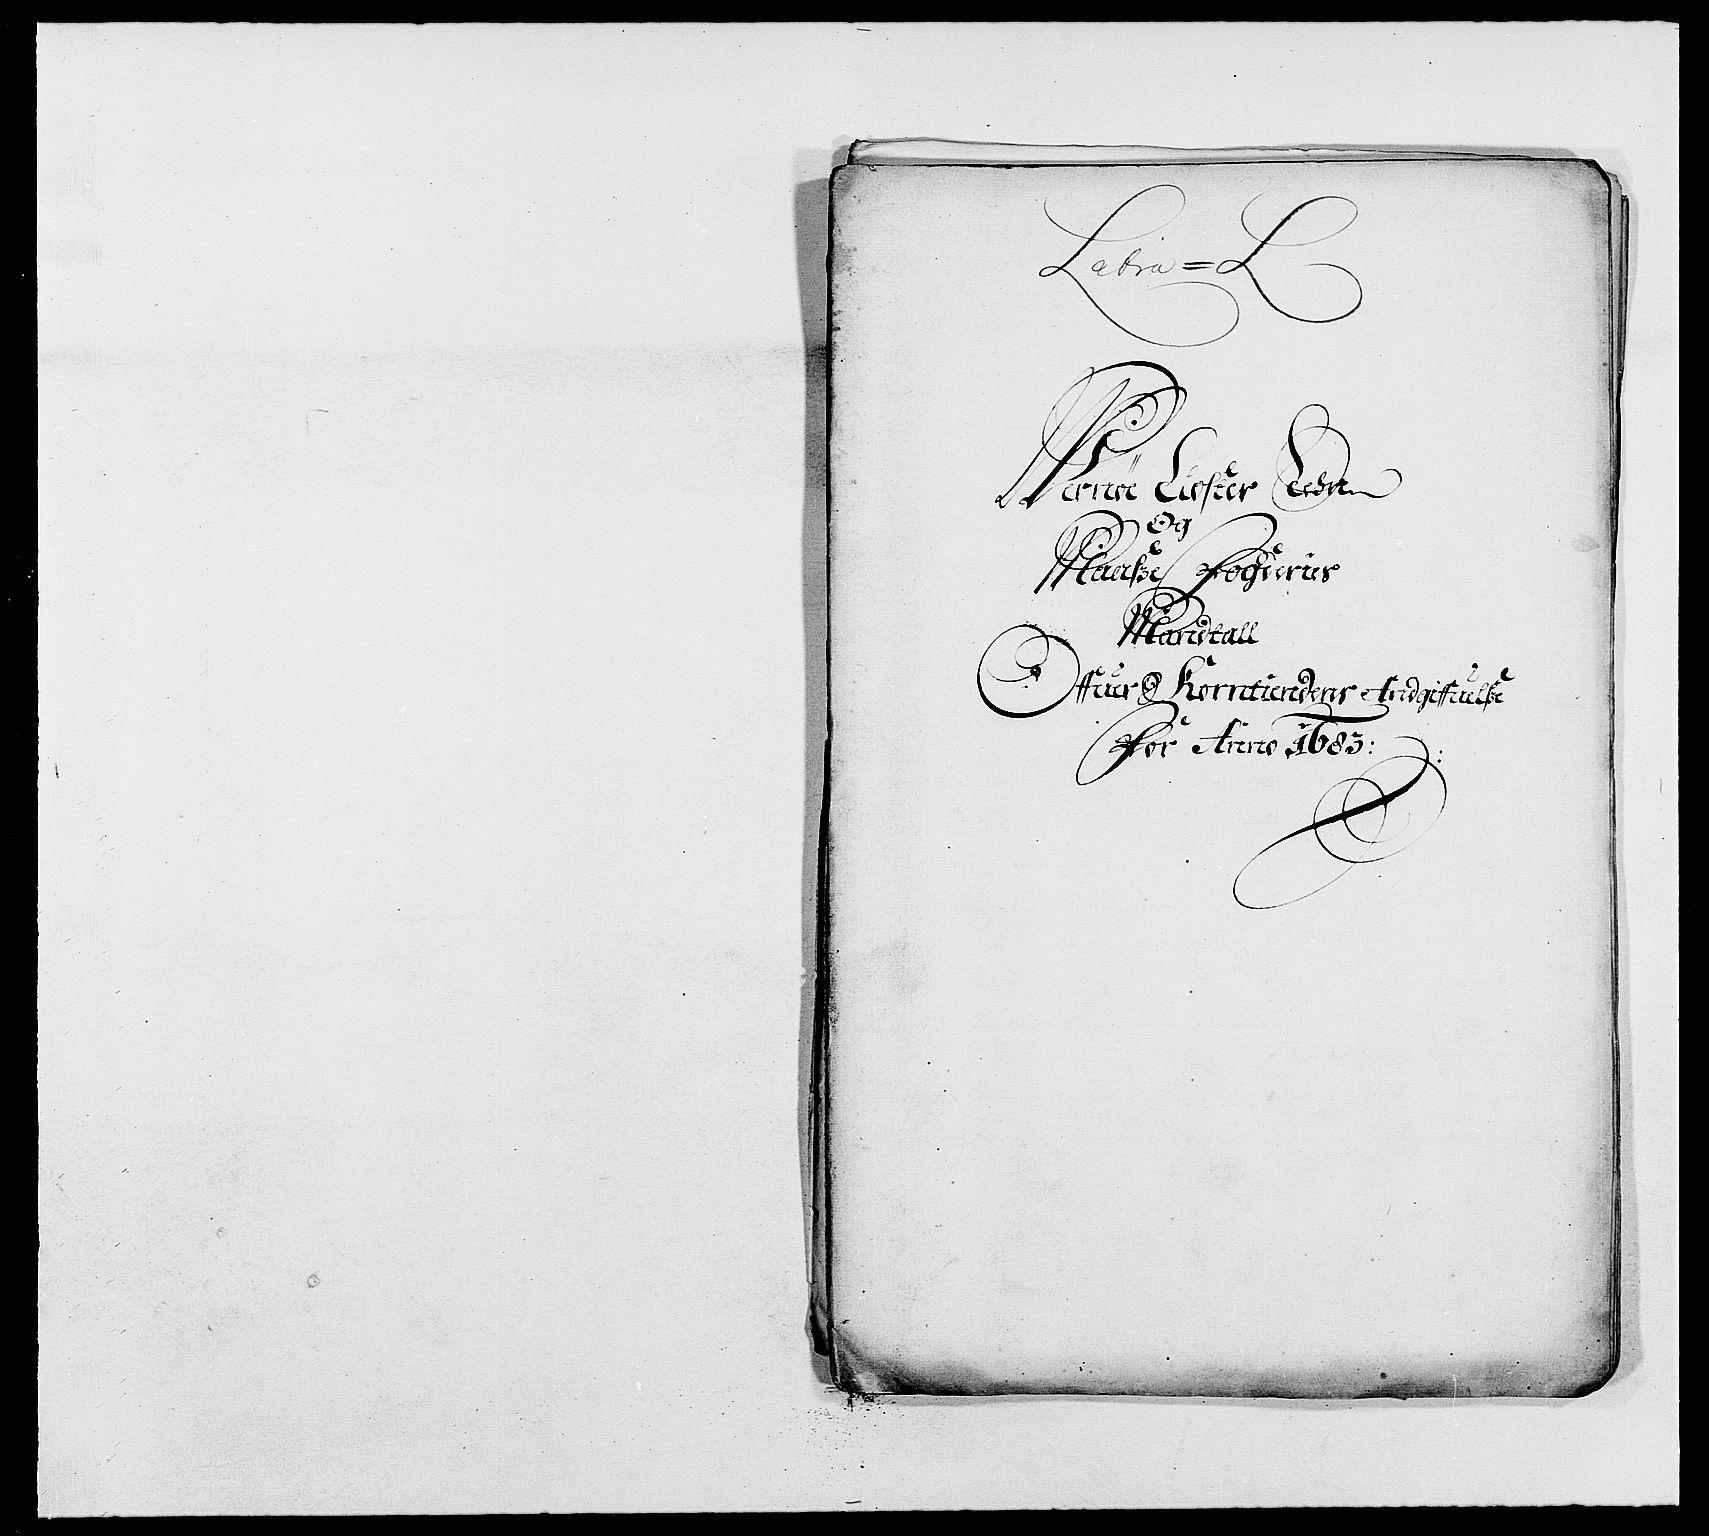 RA, Rentekammeret inntil 1814, Reviderte regnskaper, Fogderegnskap, R02/L0103: Fogderegnskap Moss og Verne kloster, 1682-1684, p. 363